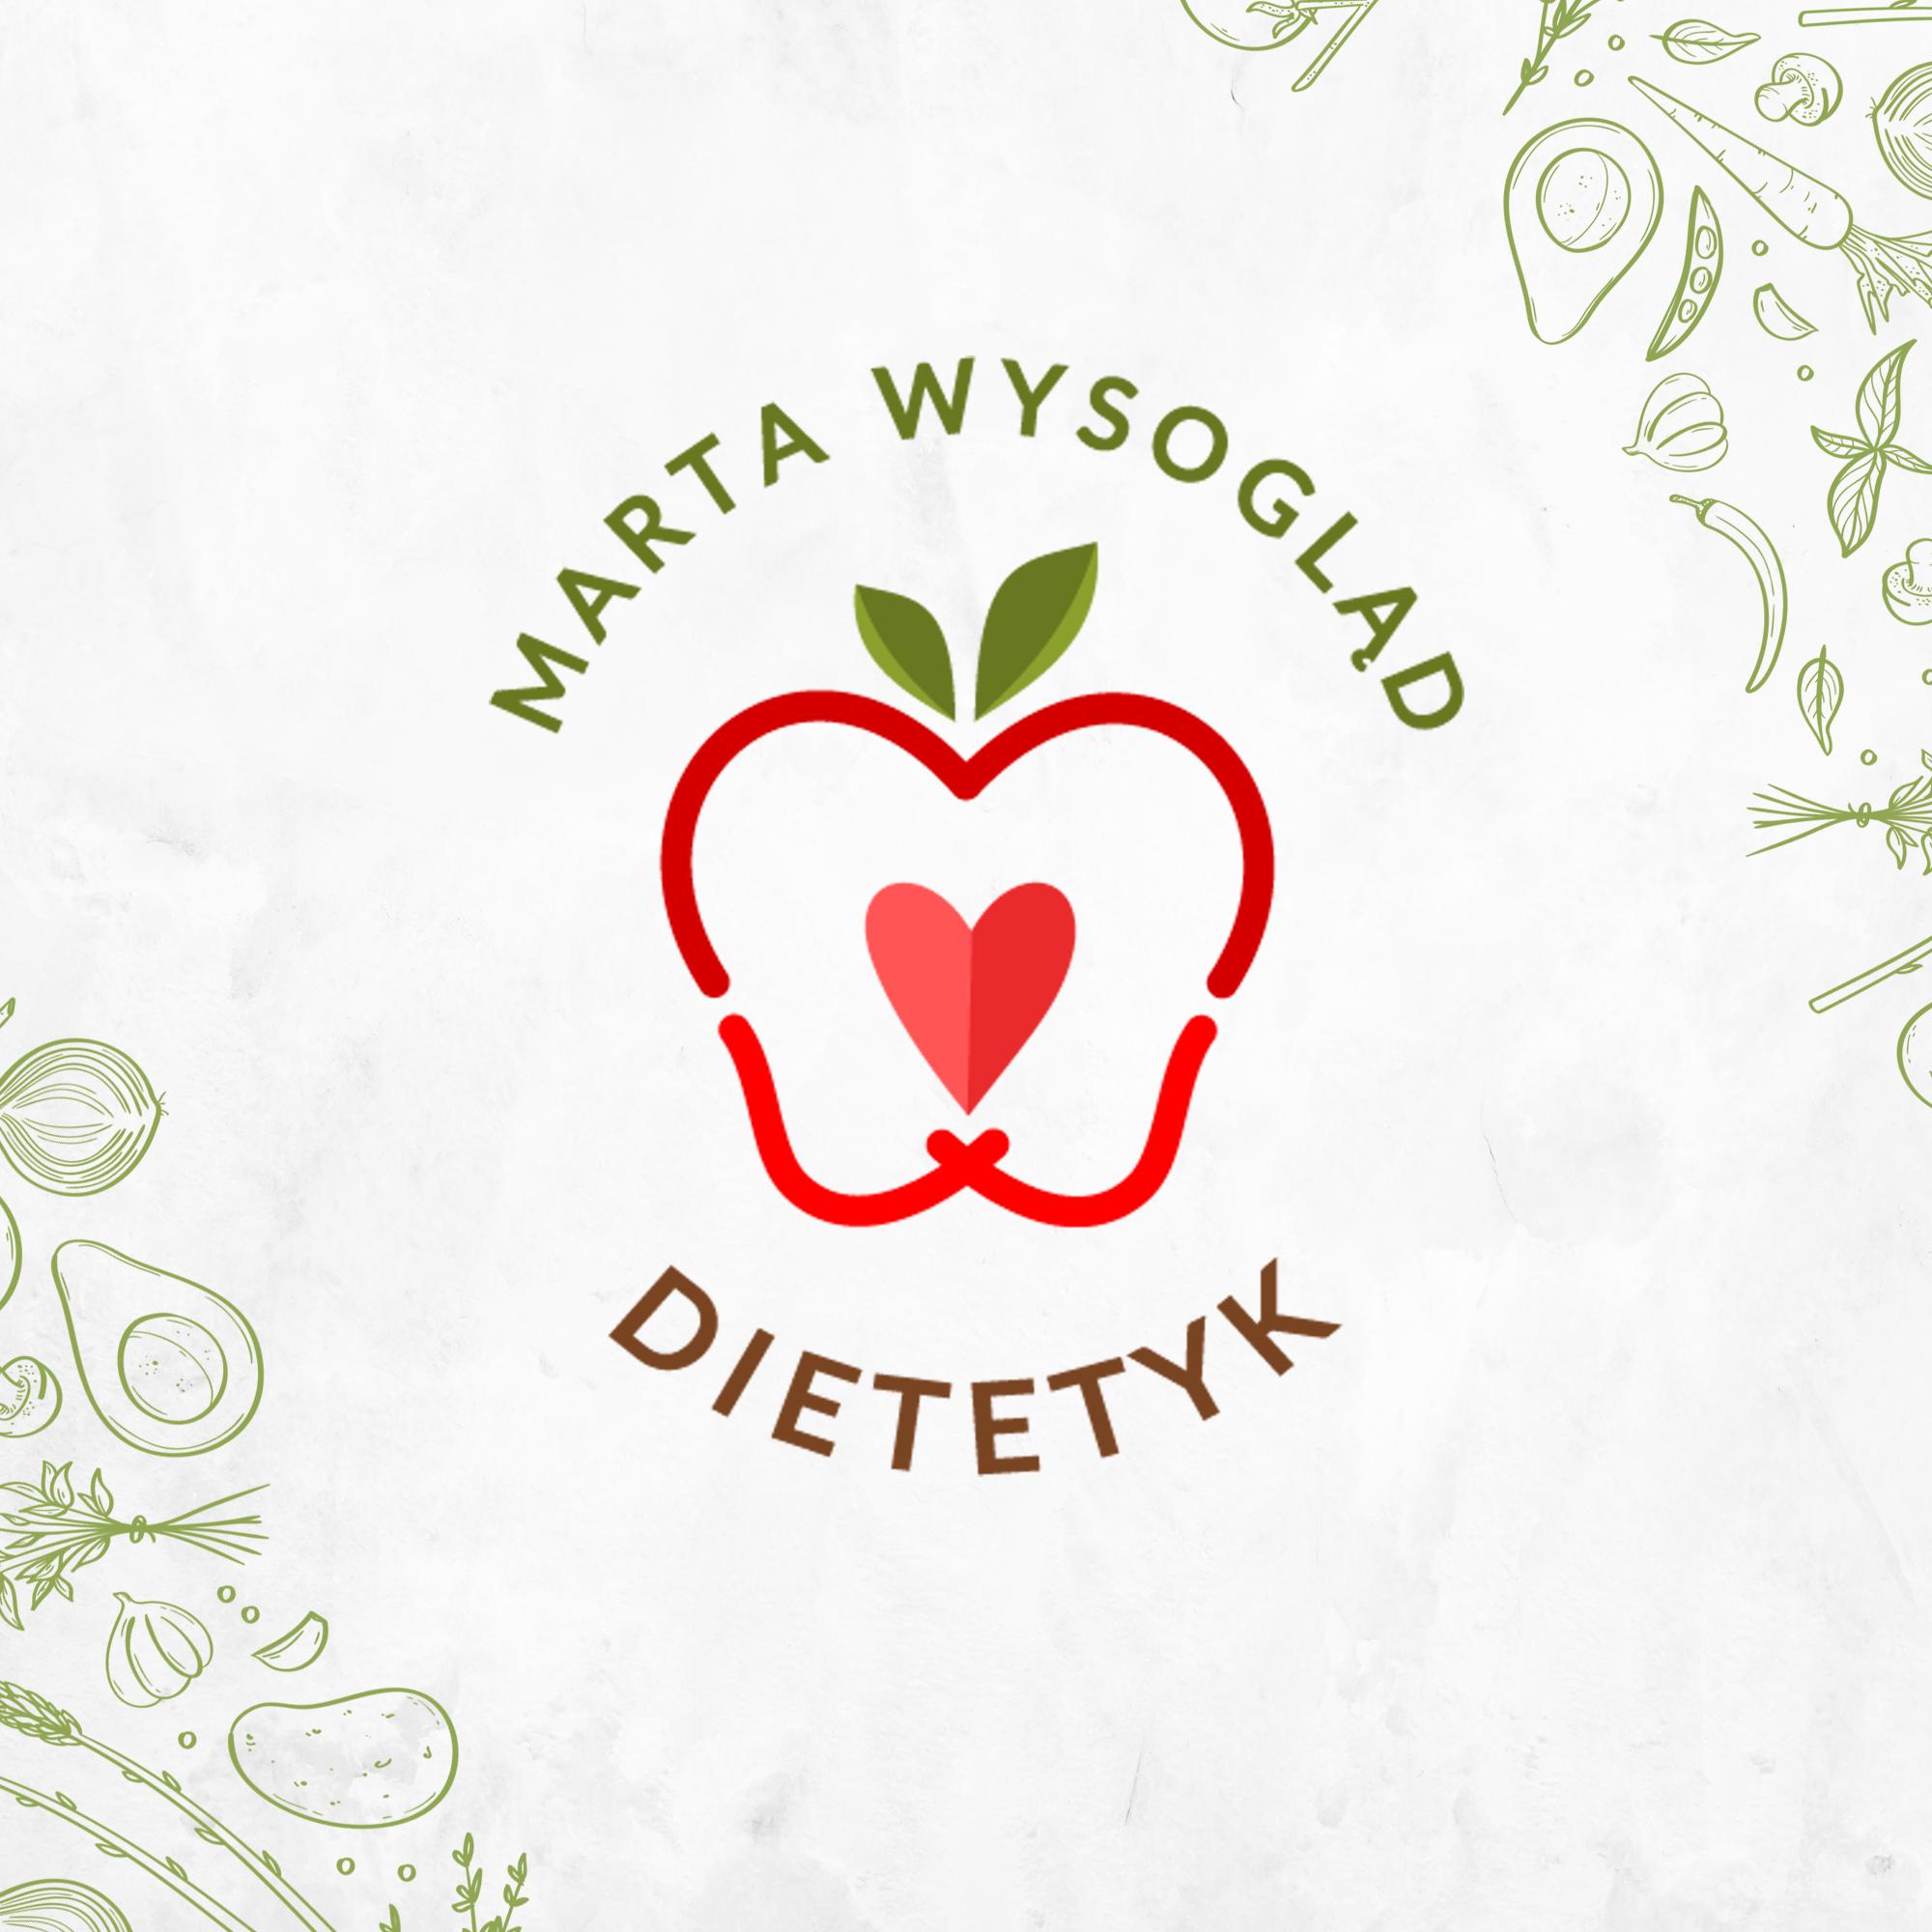 Marta Wysogląd – logo